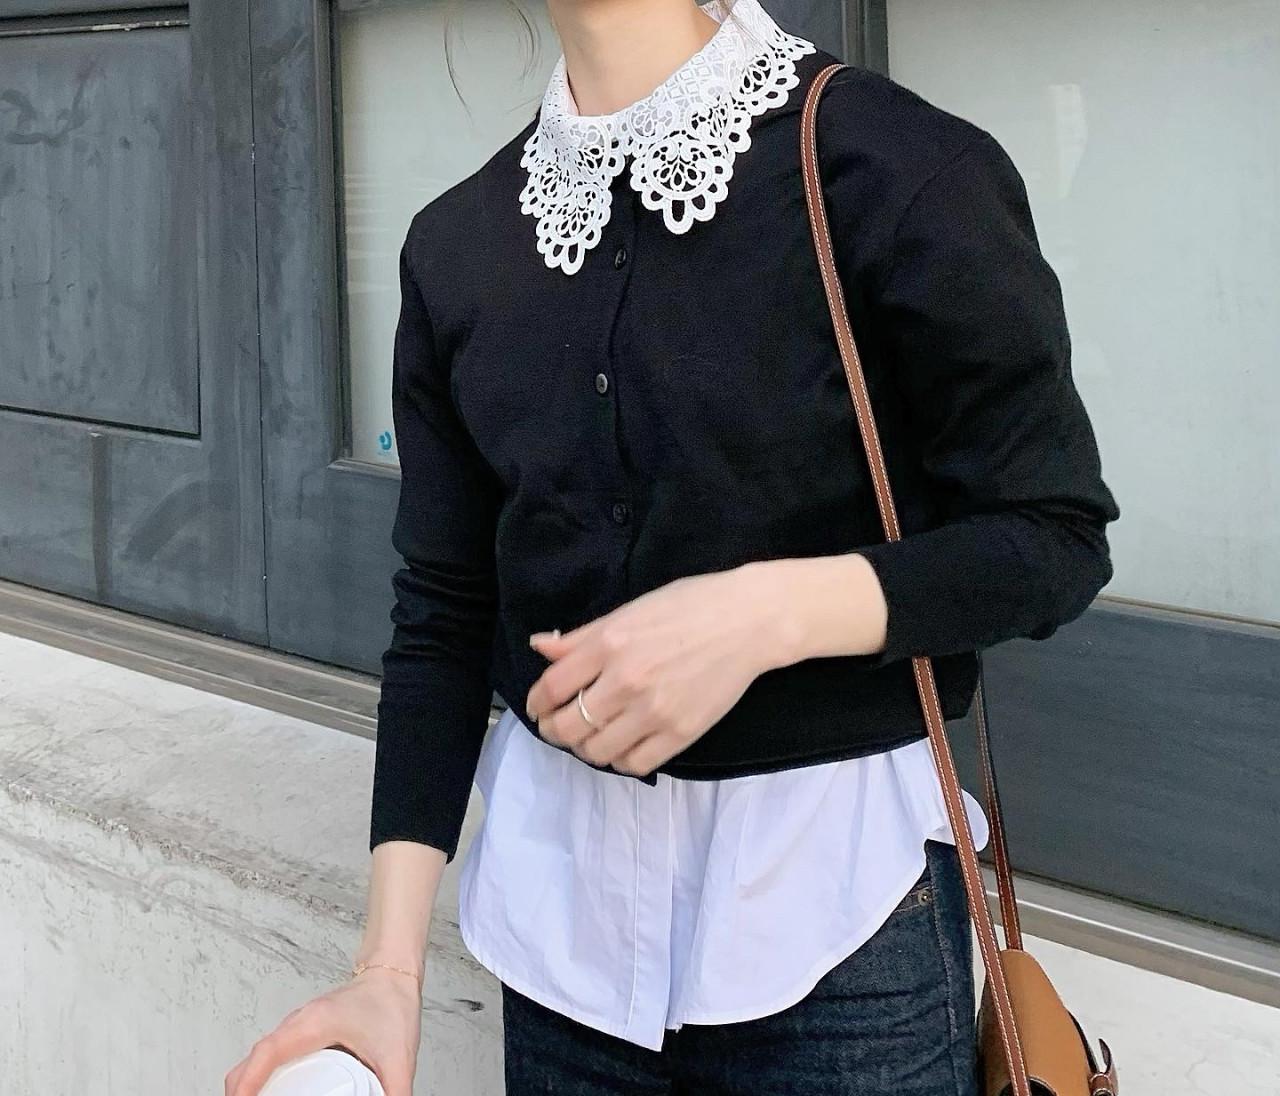 【春服】UNIQLOカーデで襟ブラウスコーデ♡